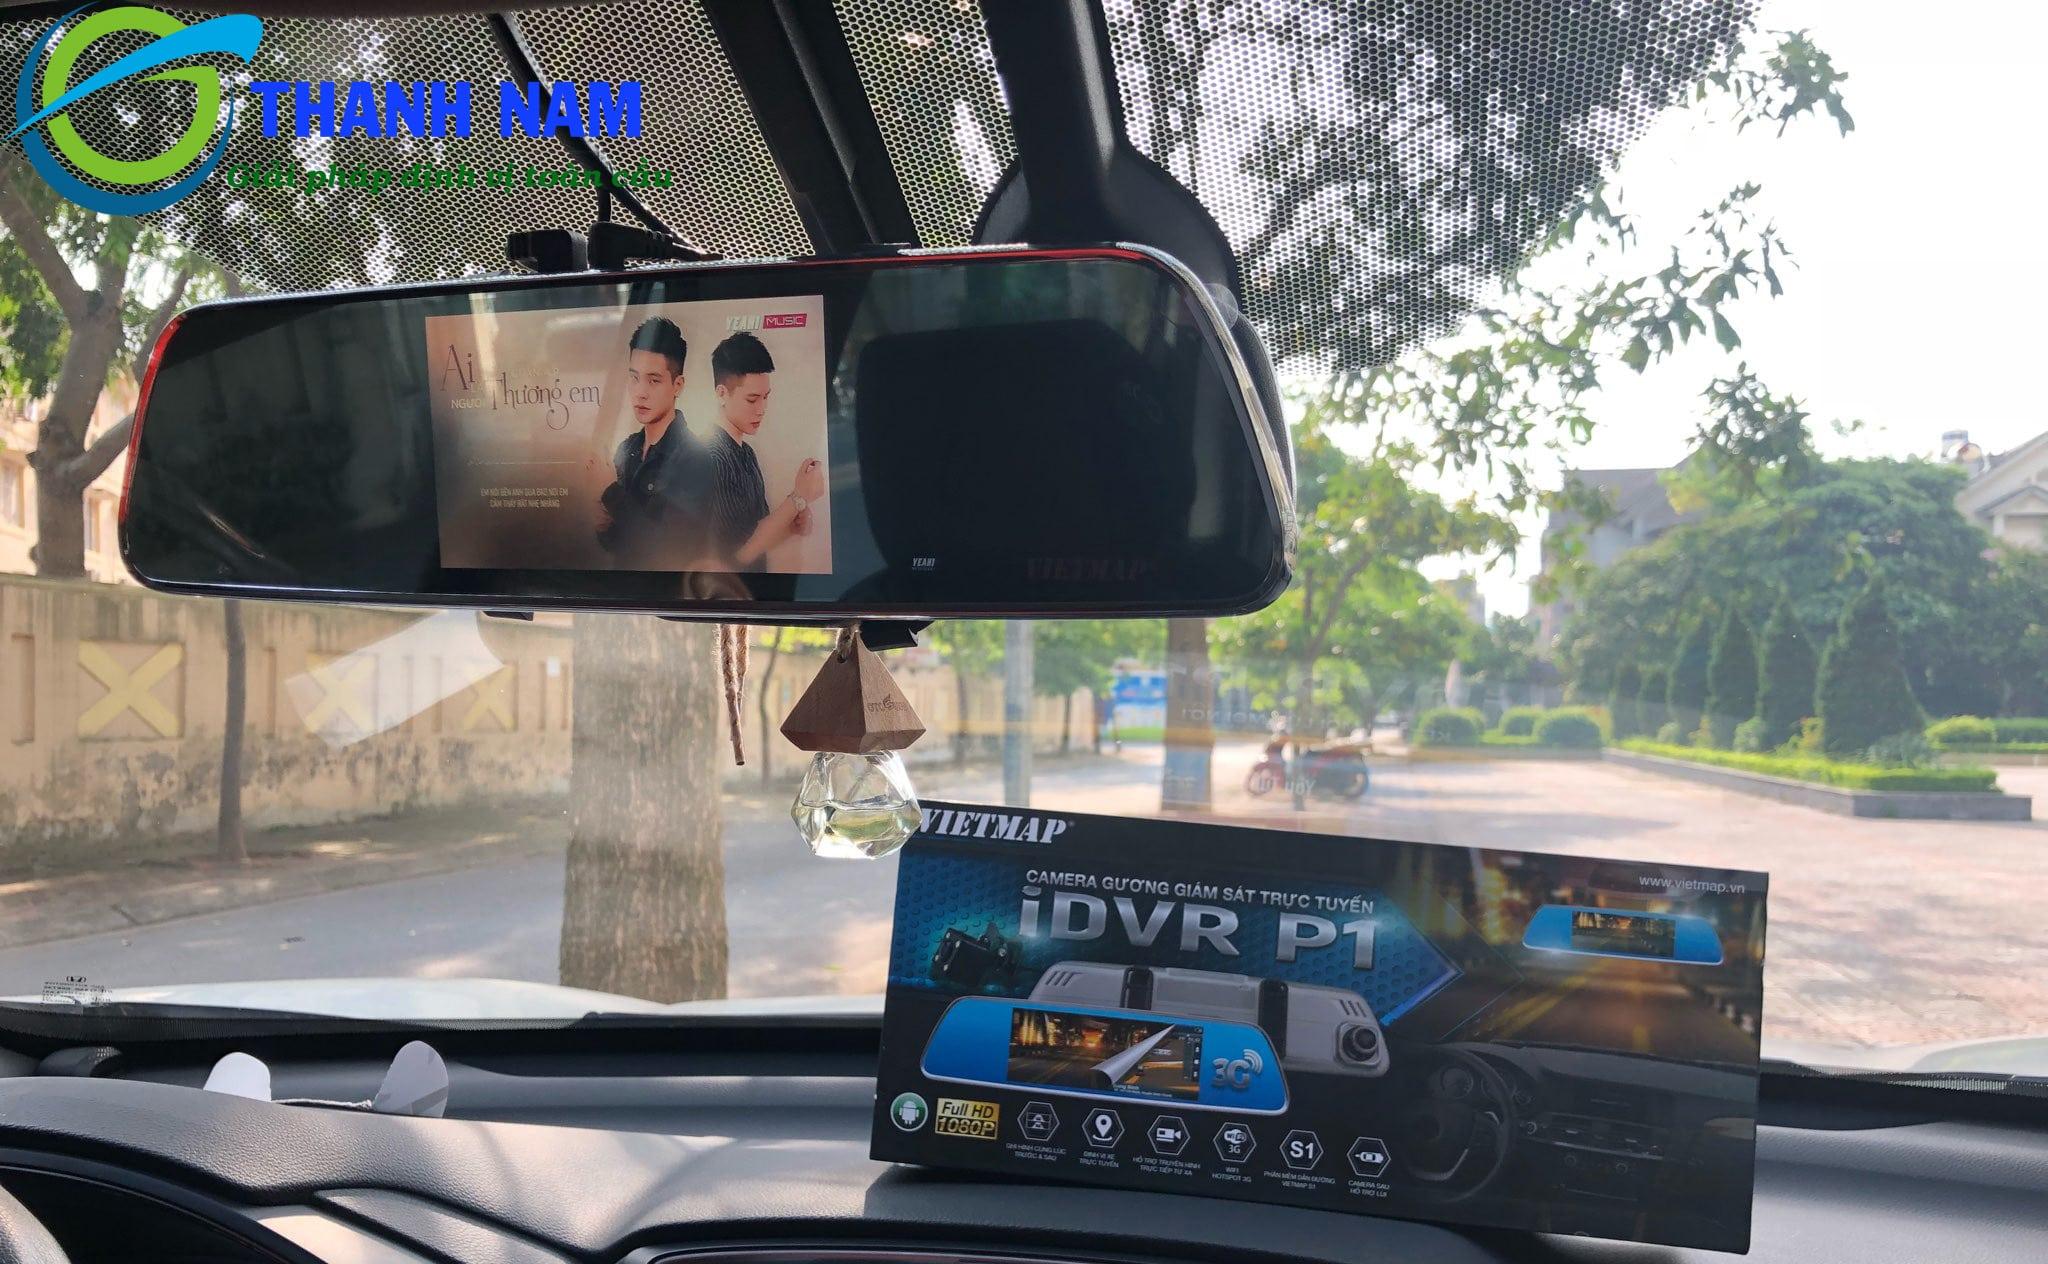 camera hành trình Vietmap P1 - Chỉ đẫn đường thông minh - Kết nối WIFI